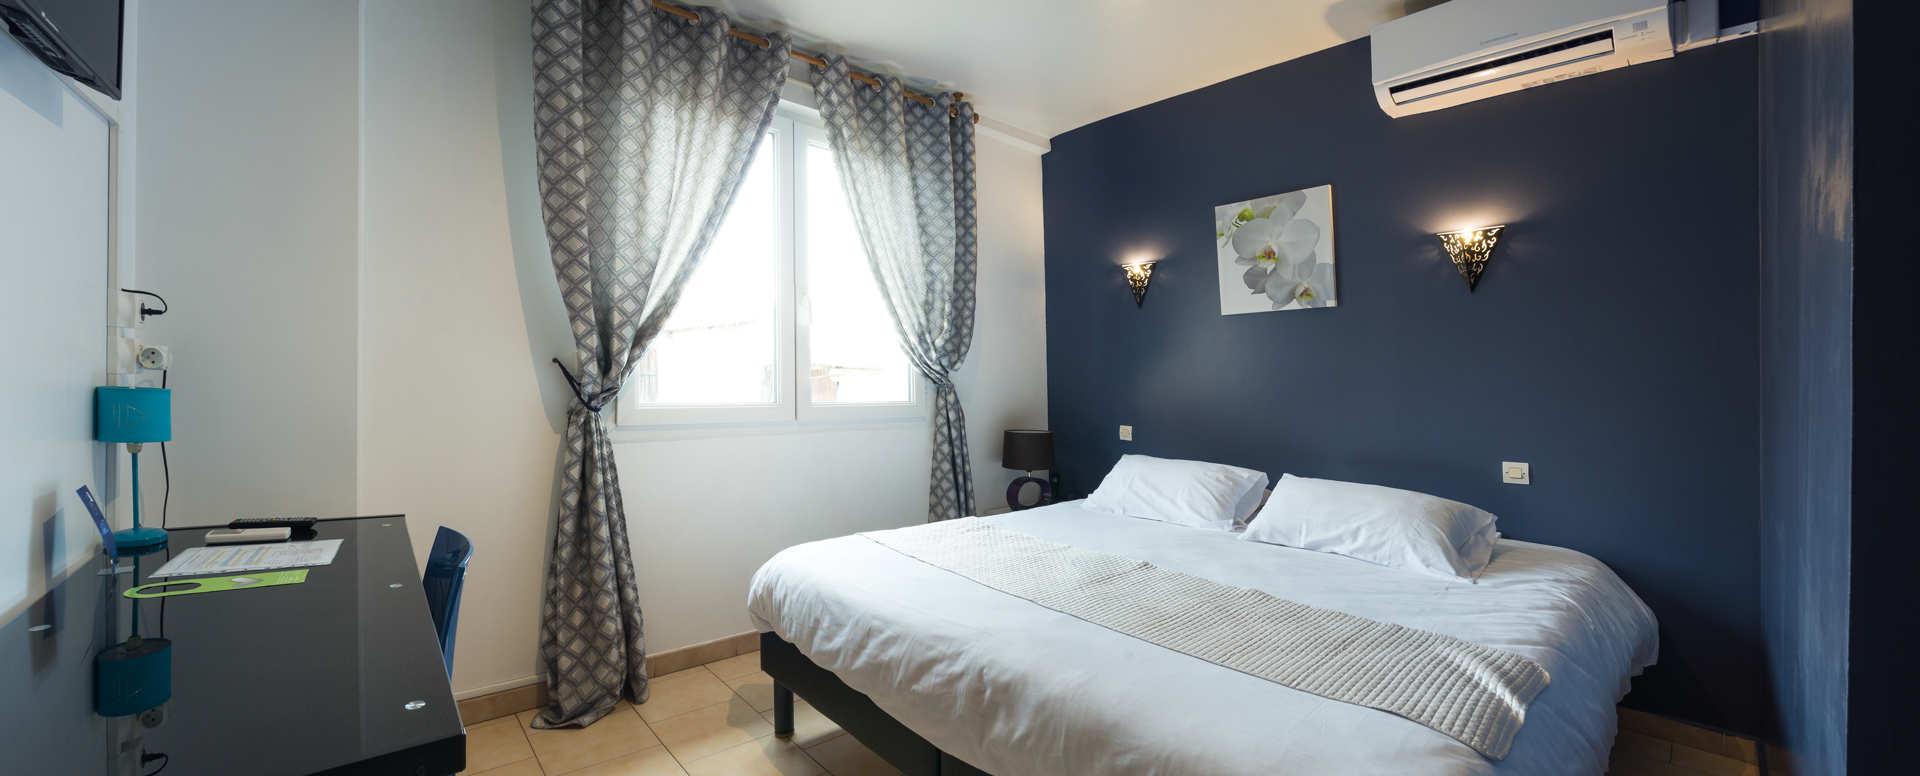 Hôtel Astoria à Carcassonne (Aude, 11)